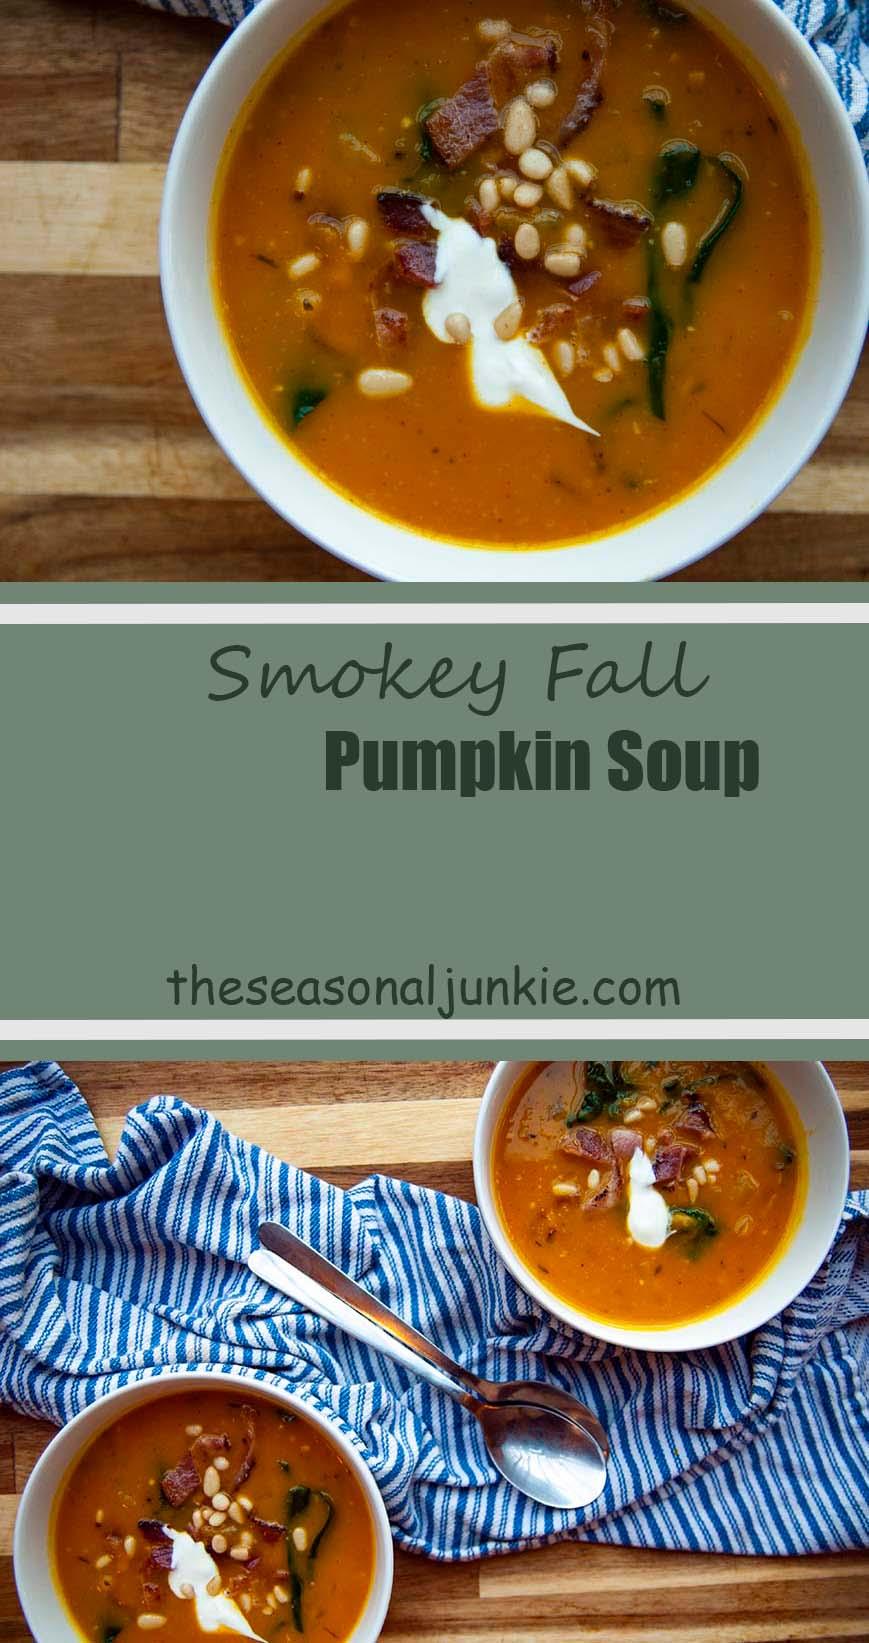 Pumpkin Soup- The Seasonal Junkie